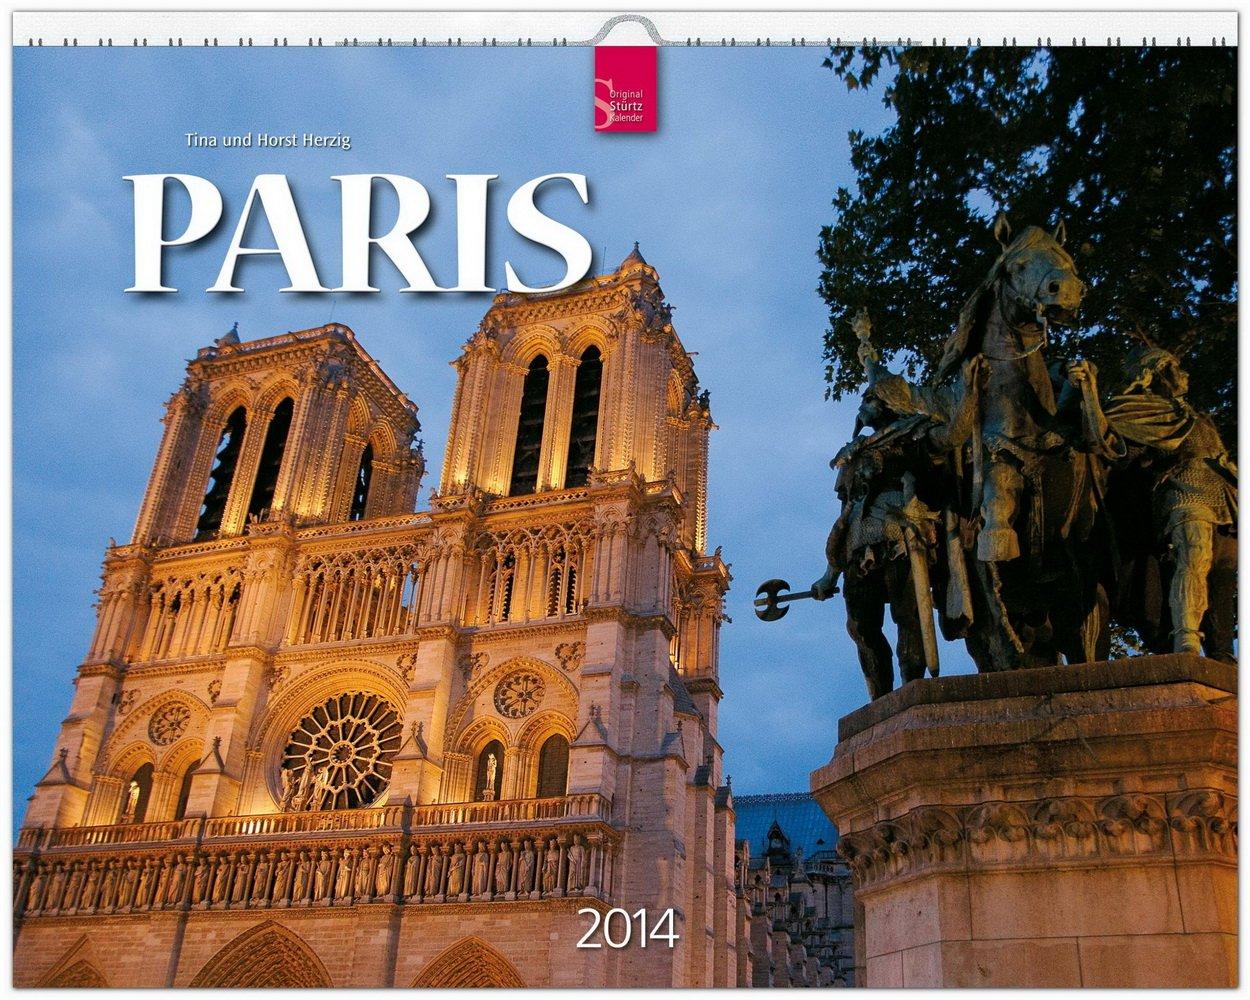 paris-2014-original-strtz-kalender-grossformat-kalender-60-x-48-cm-spiralbindung